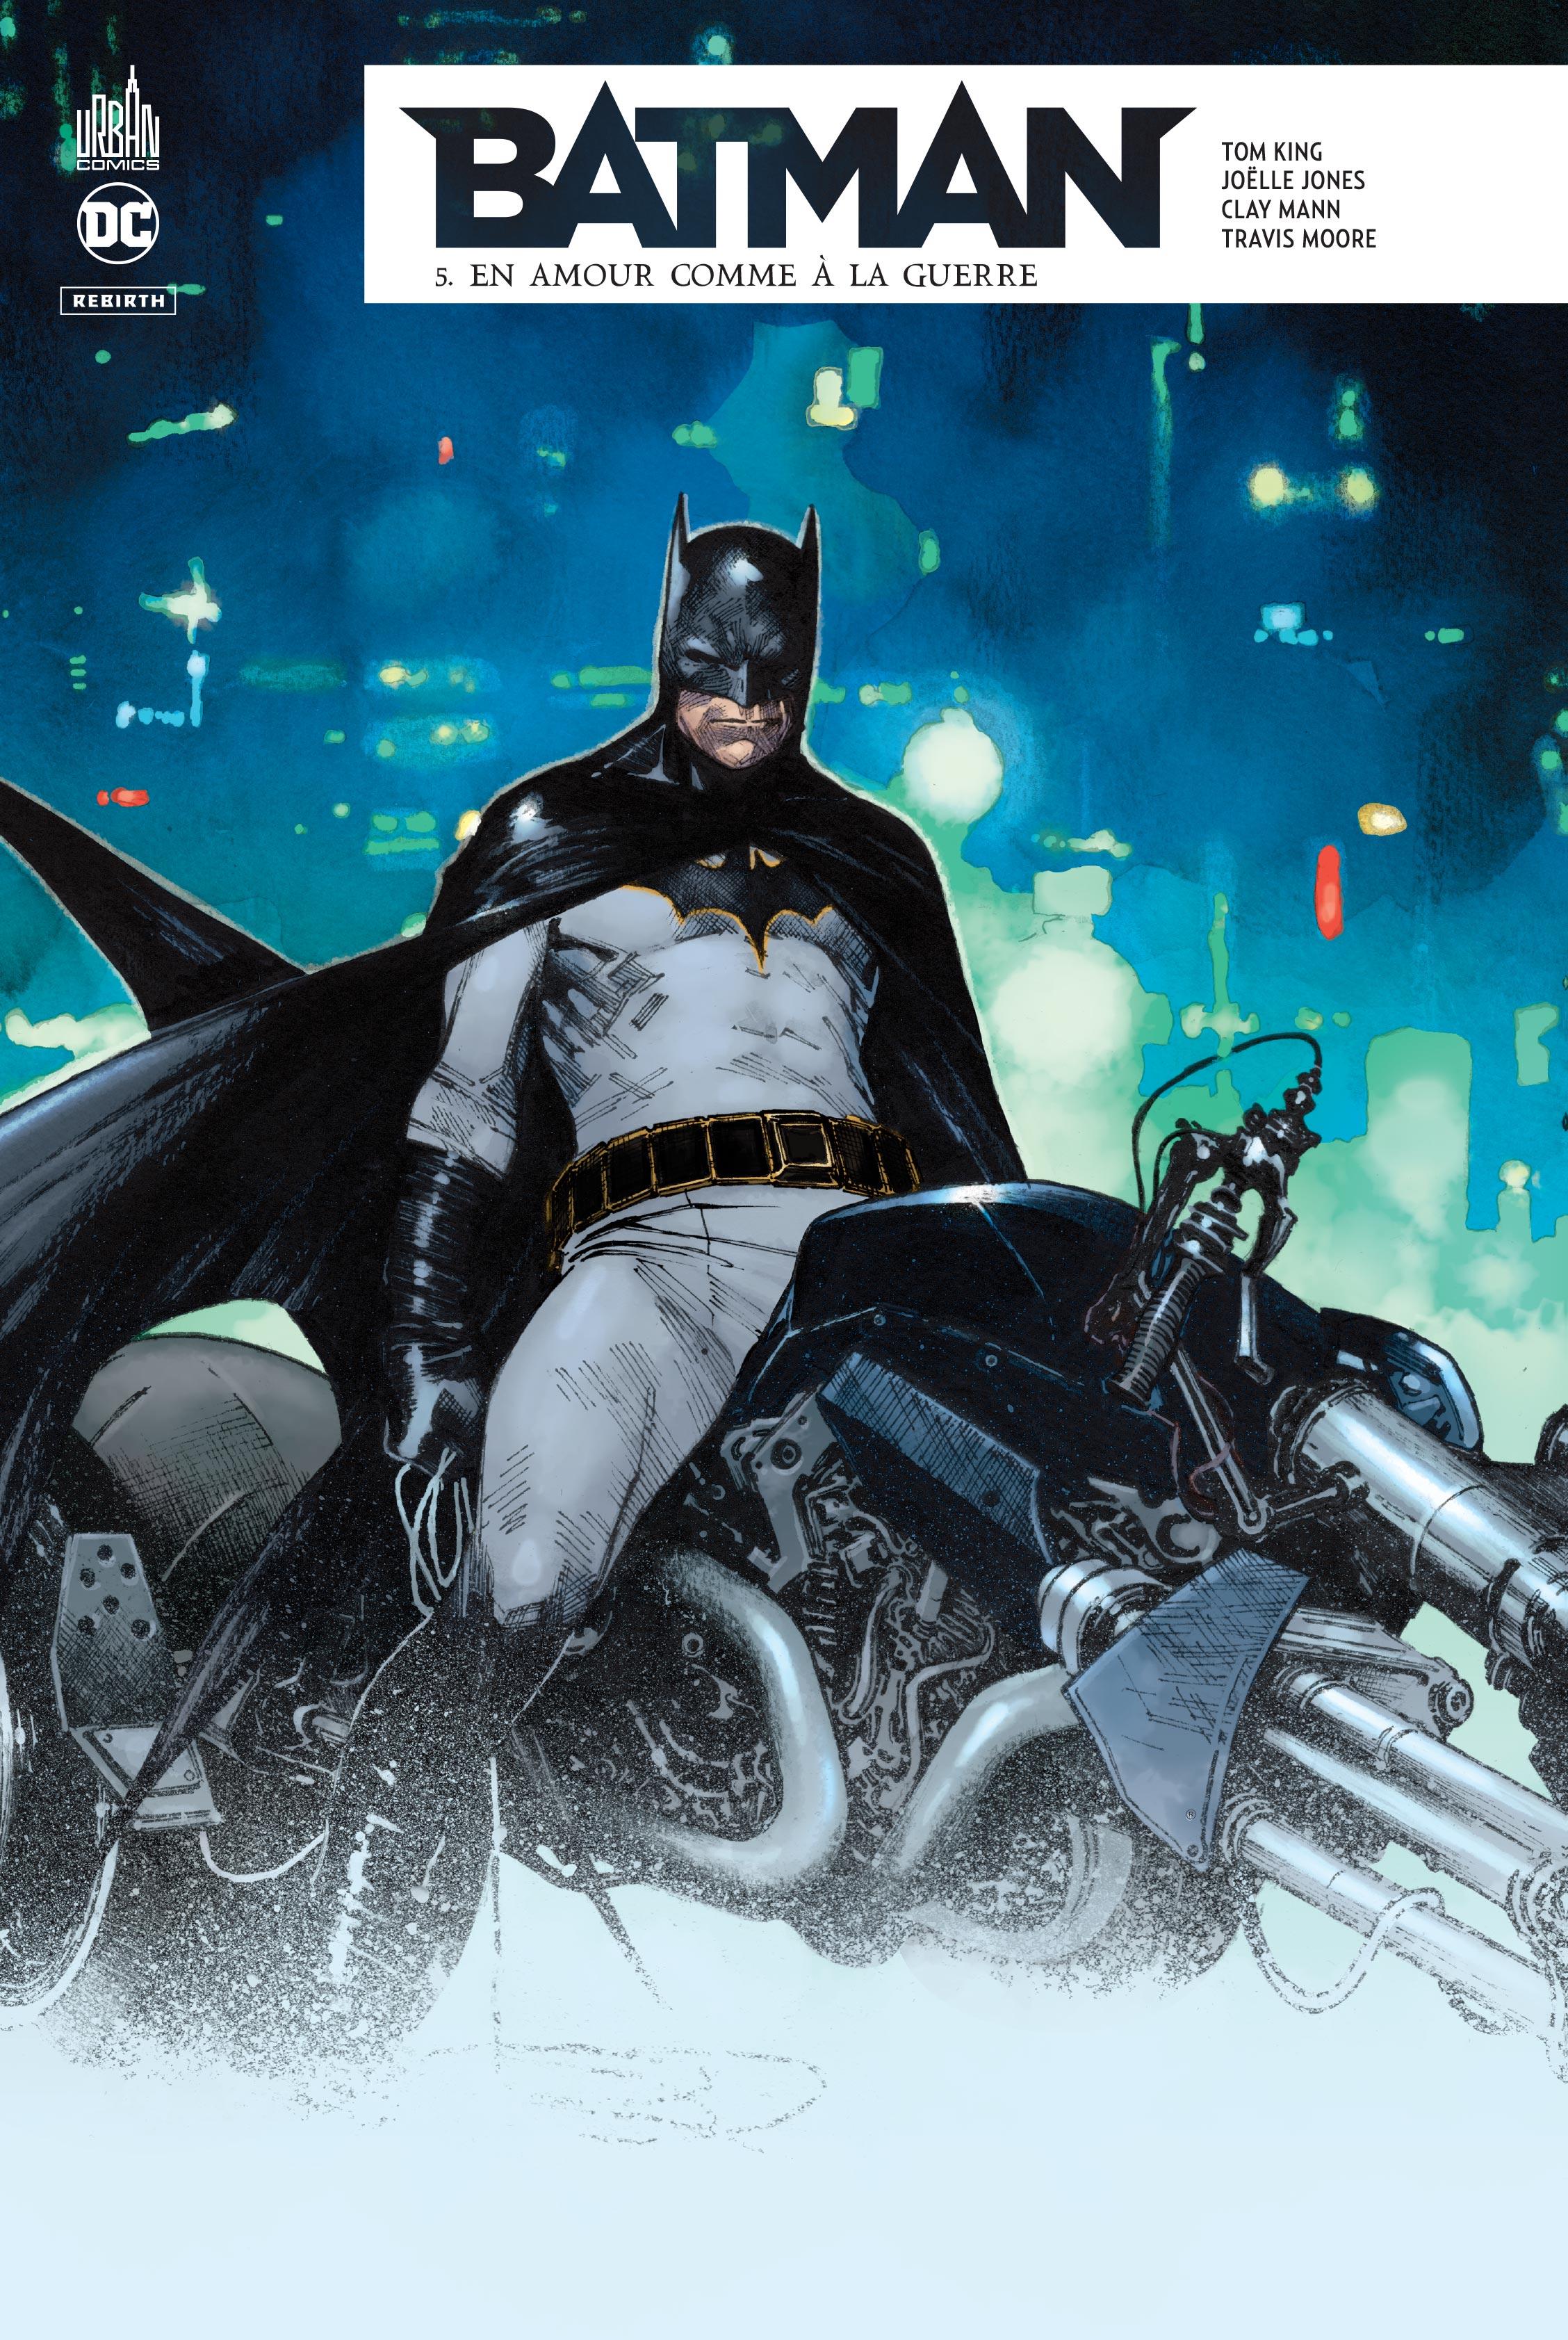 Batman Rebirth 5 - En amour comme à la guerre